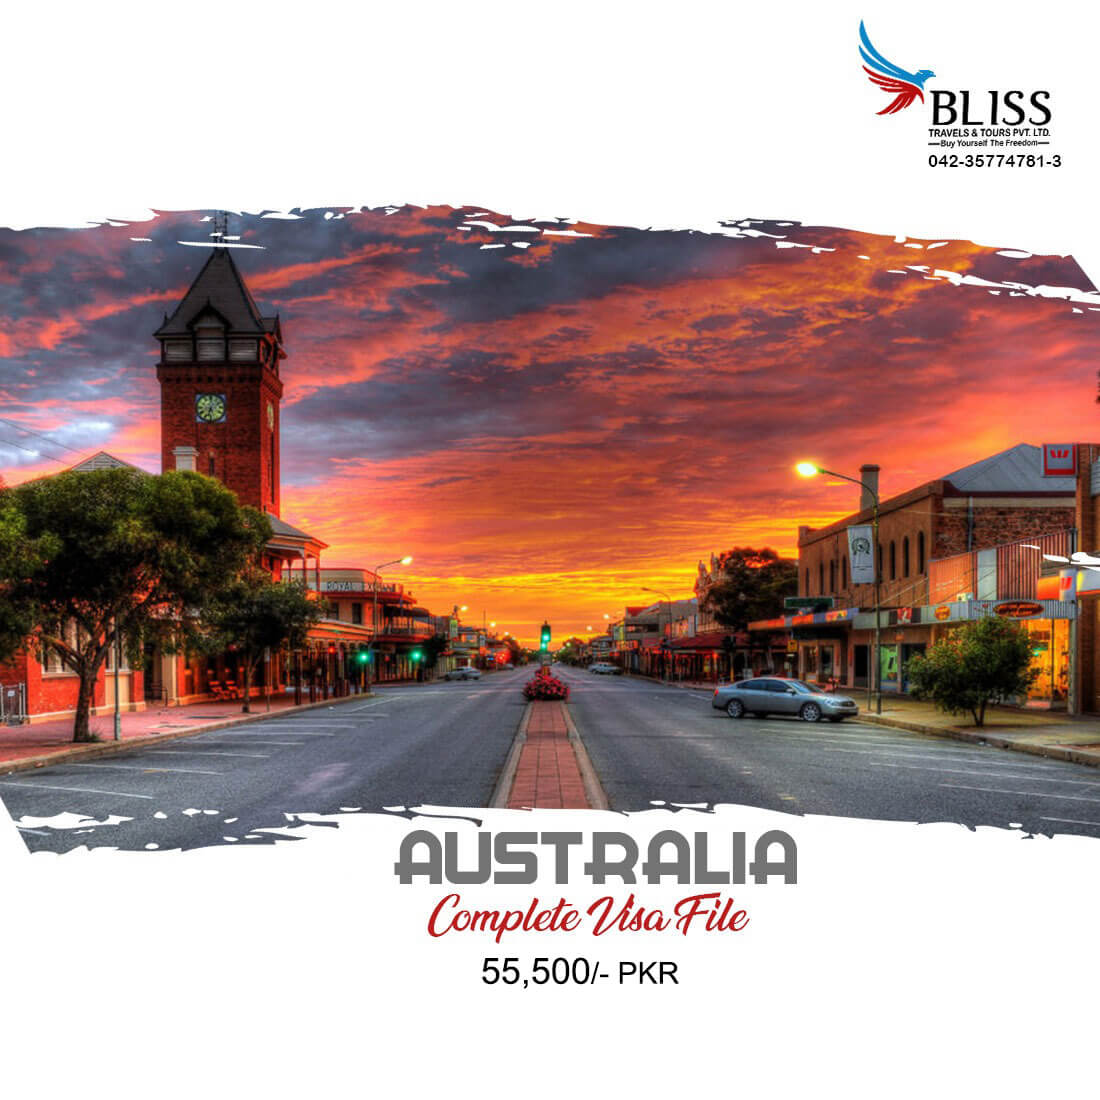 Australia-Visa-Complete-File